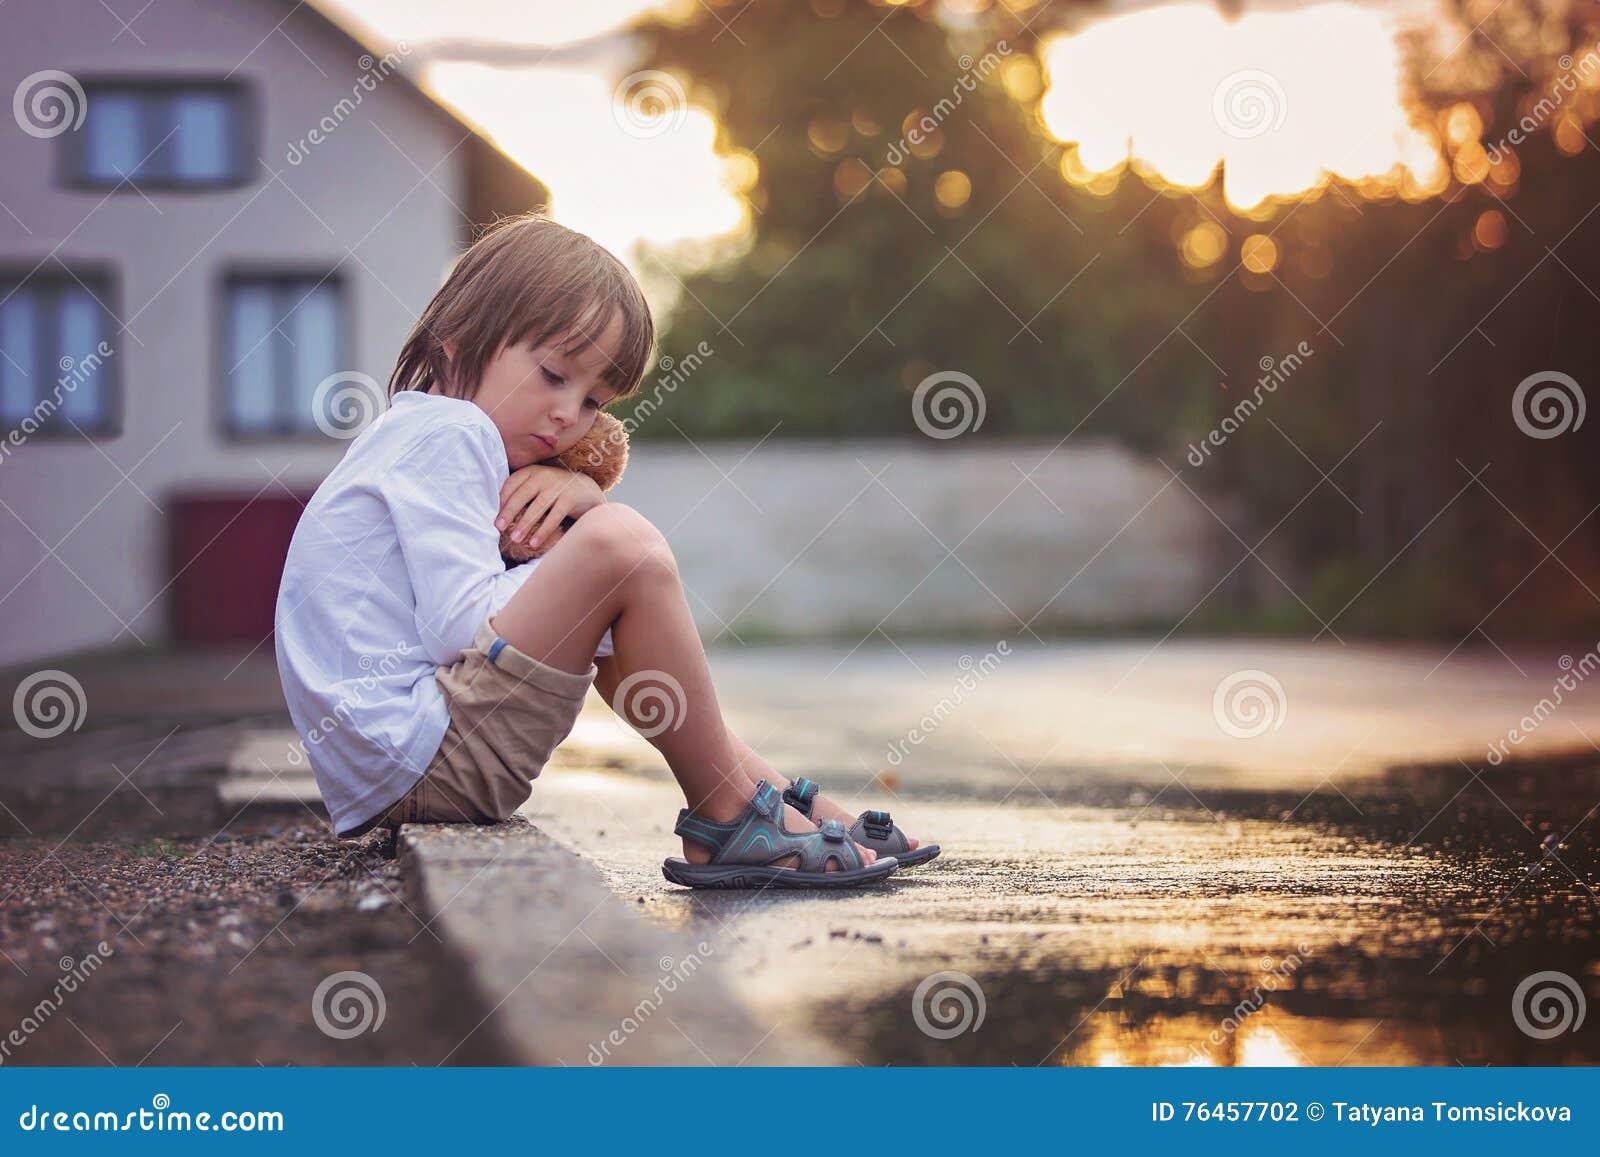 https://thumbs.dreamstime.com/z/petit-gar%C3%A7on-triste-s-asseyant-sur-la-rue-sous-la-pluie-%C3%A9treignant-son-t-76457702.jpg